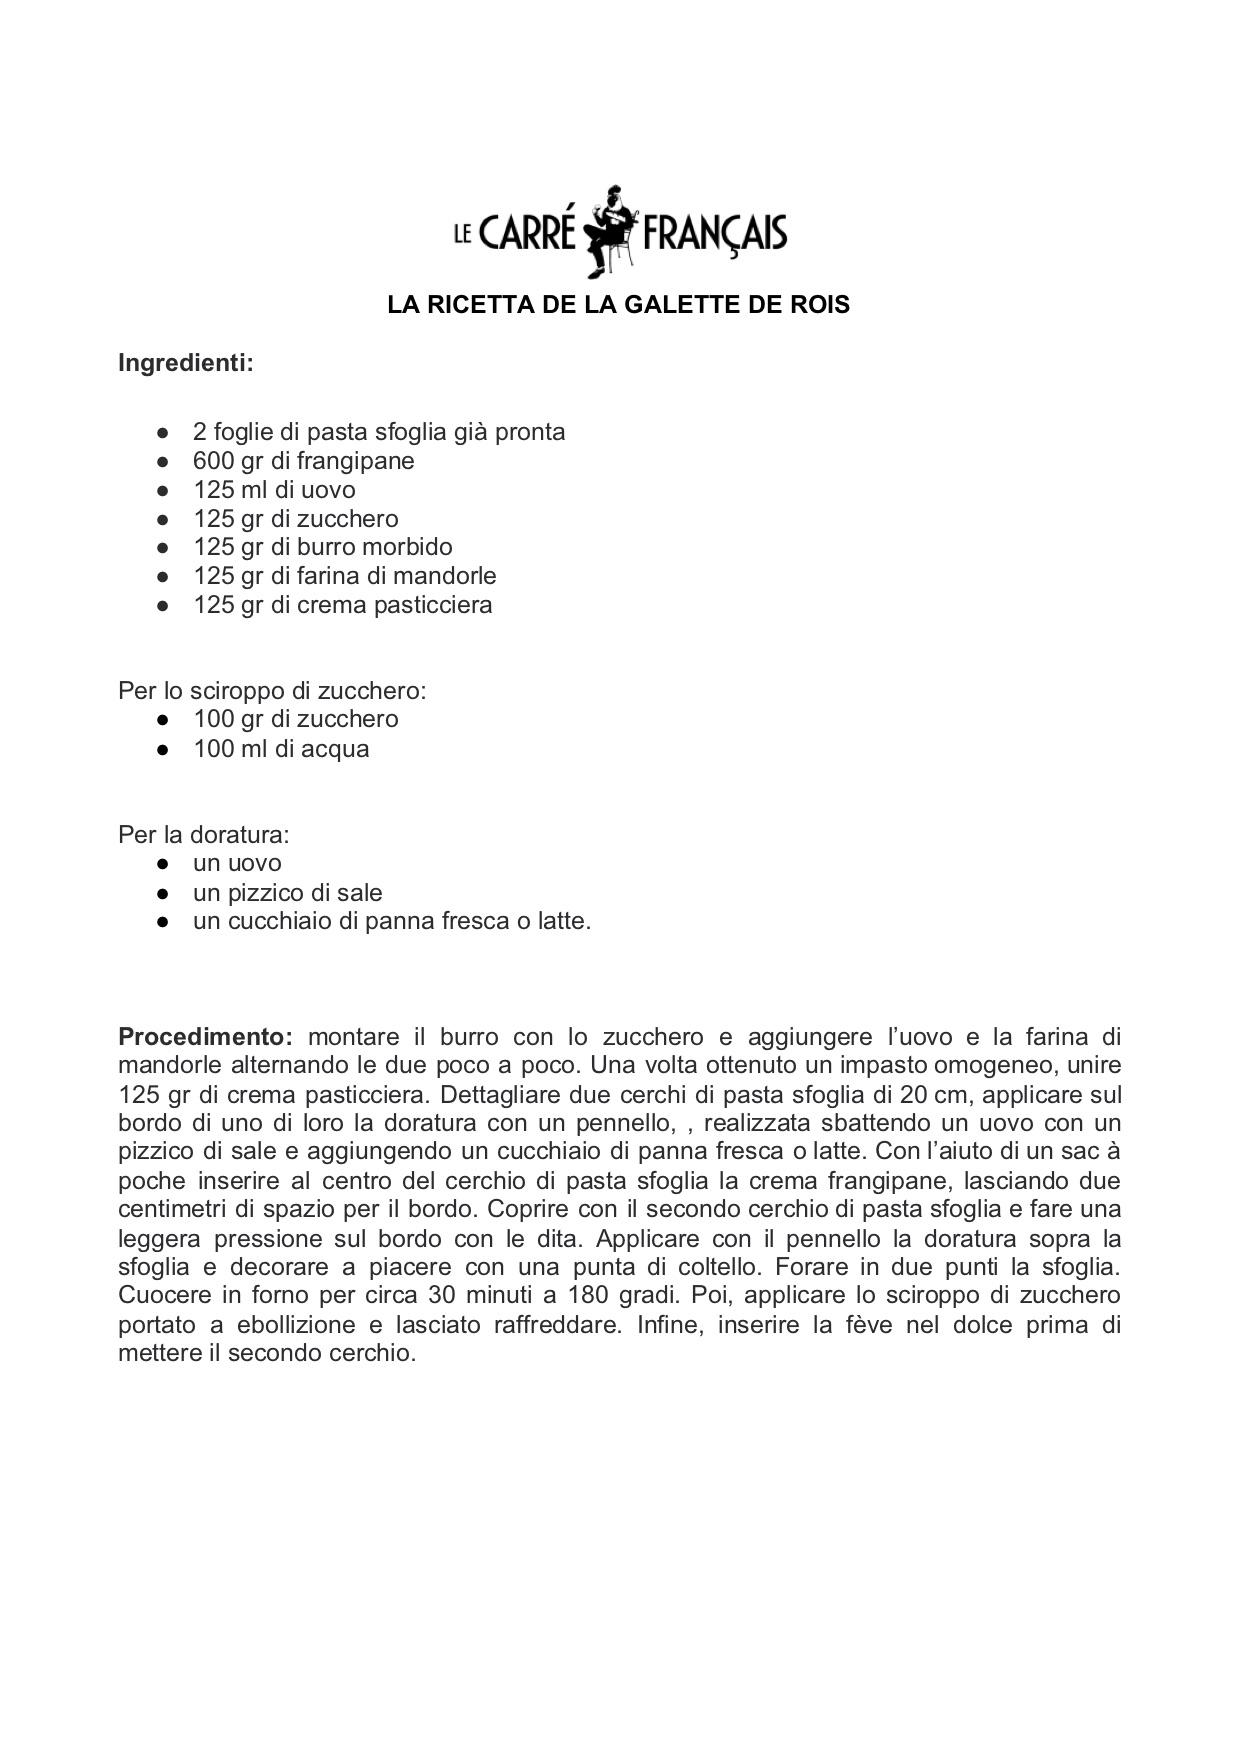 La ricetta de La Galette de Rois di Le Carré Français